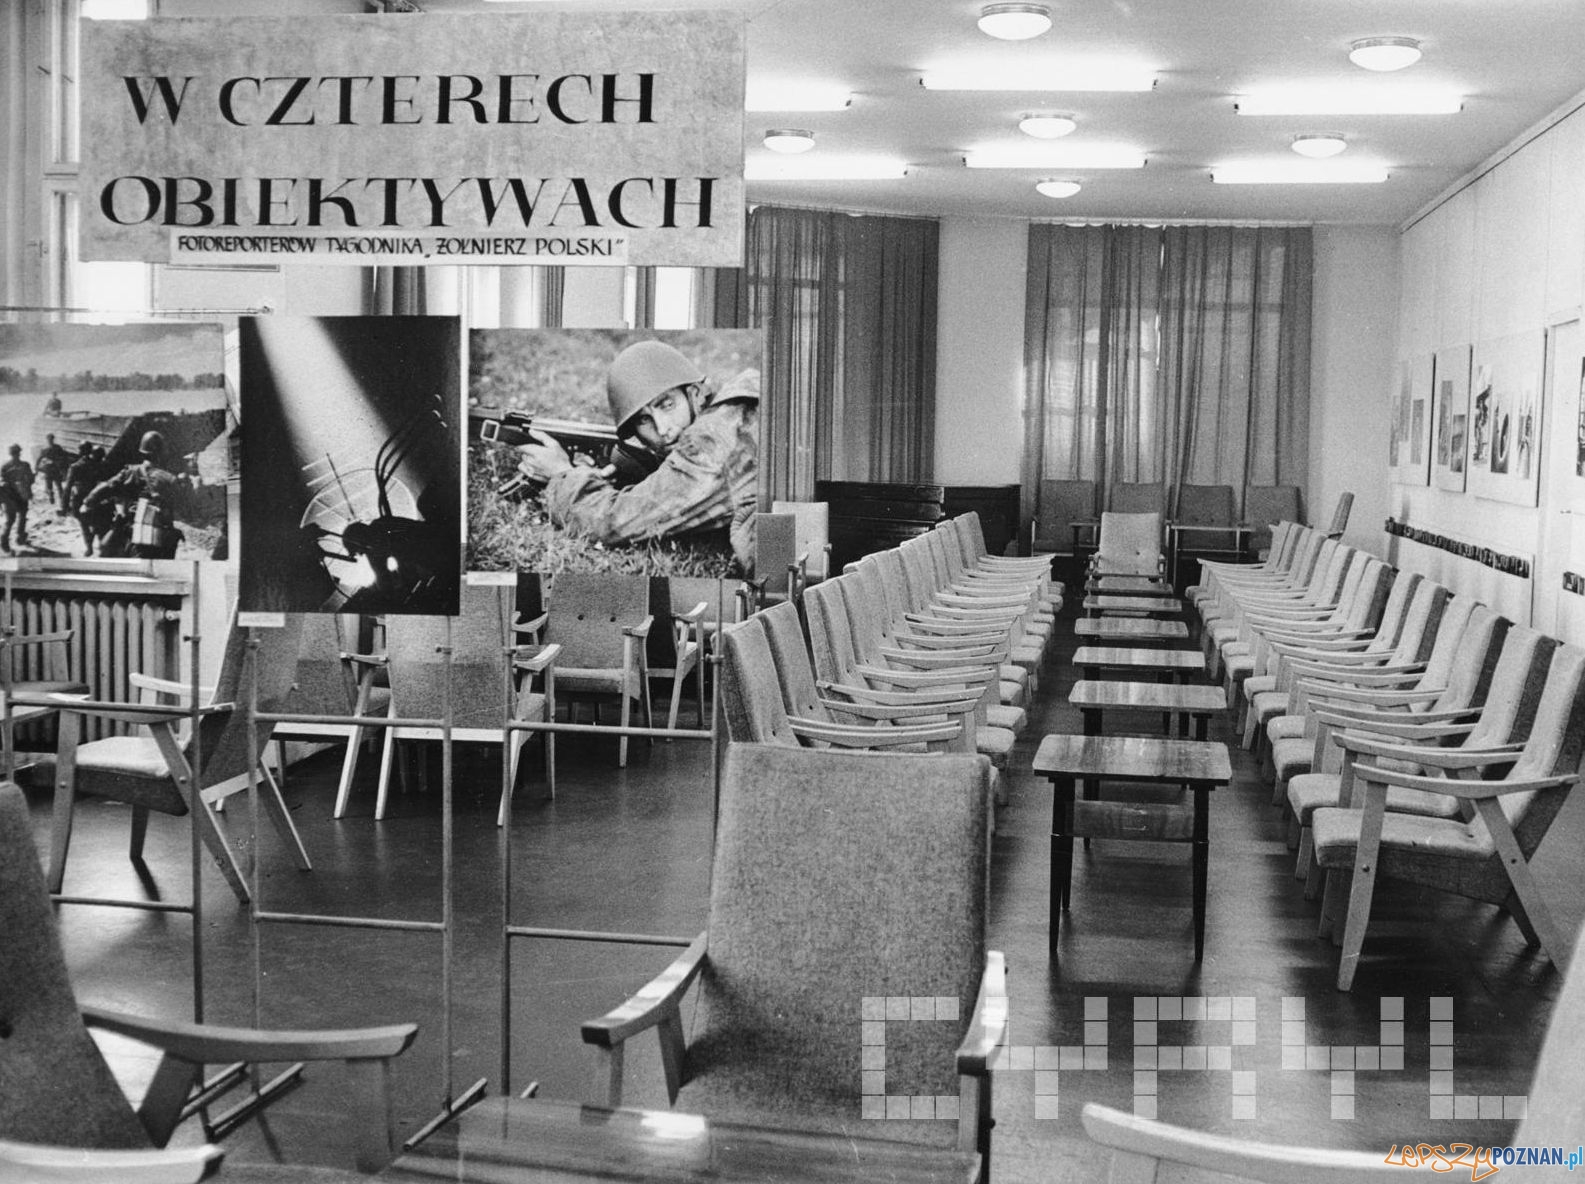 Czytelnia - Empik Klub Międzynarodowej Prasy i Książki 1966  Foto: Cyryl / Kronika Miasta Poznania